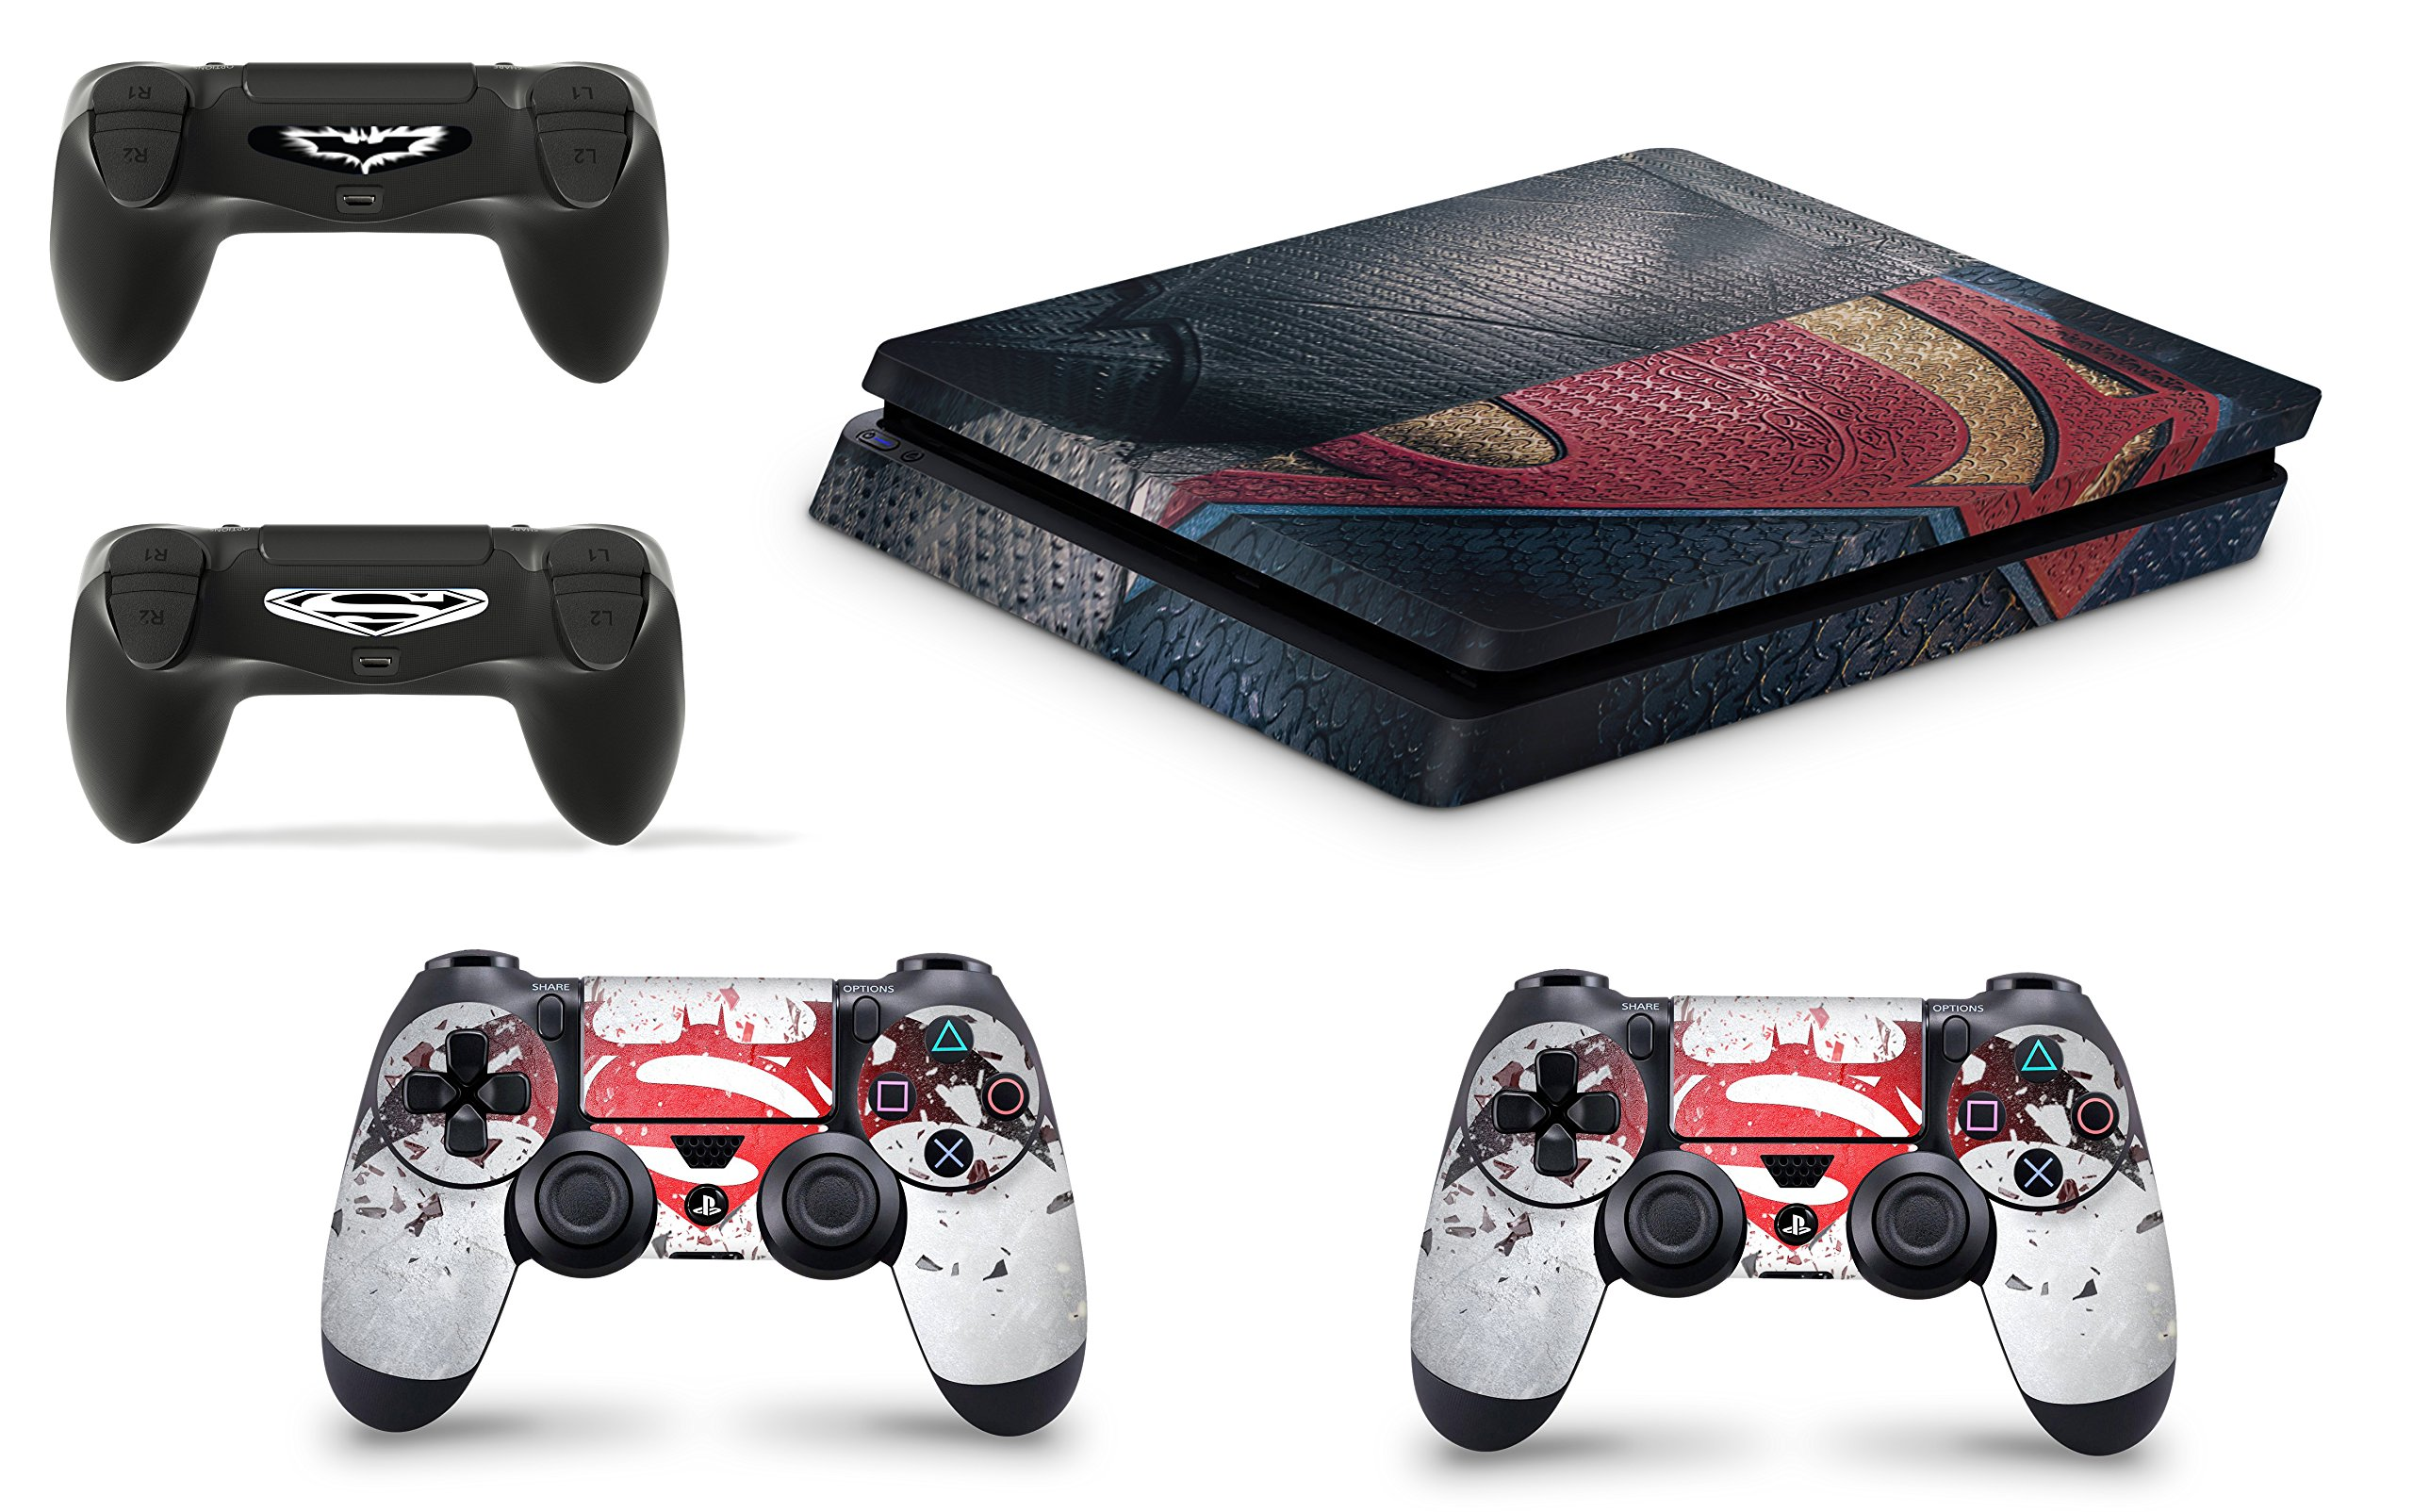 giZmoZ n gadgetZ Skins Adhesivos GNG para Cubierta de Playstation 4 PS4 Slim de Superman + 2 Sets de Skins del Controlador: Amazon.es: Electrónica